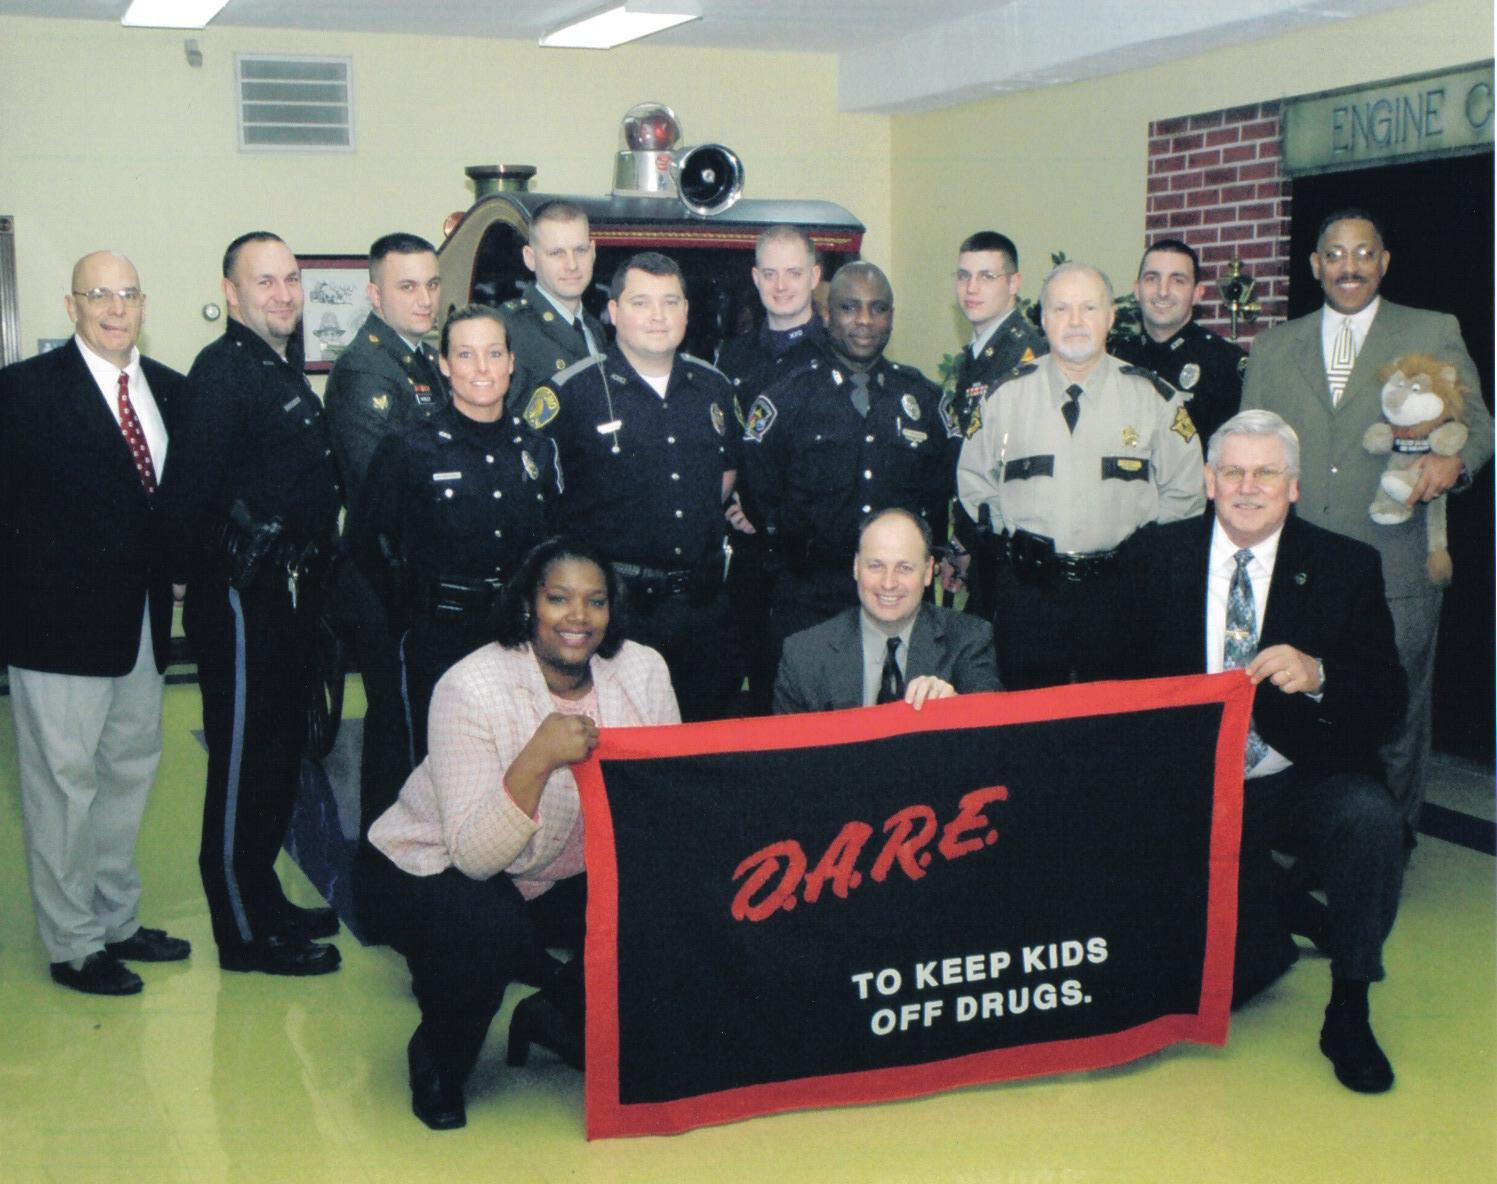 DARE Officer Training # 50